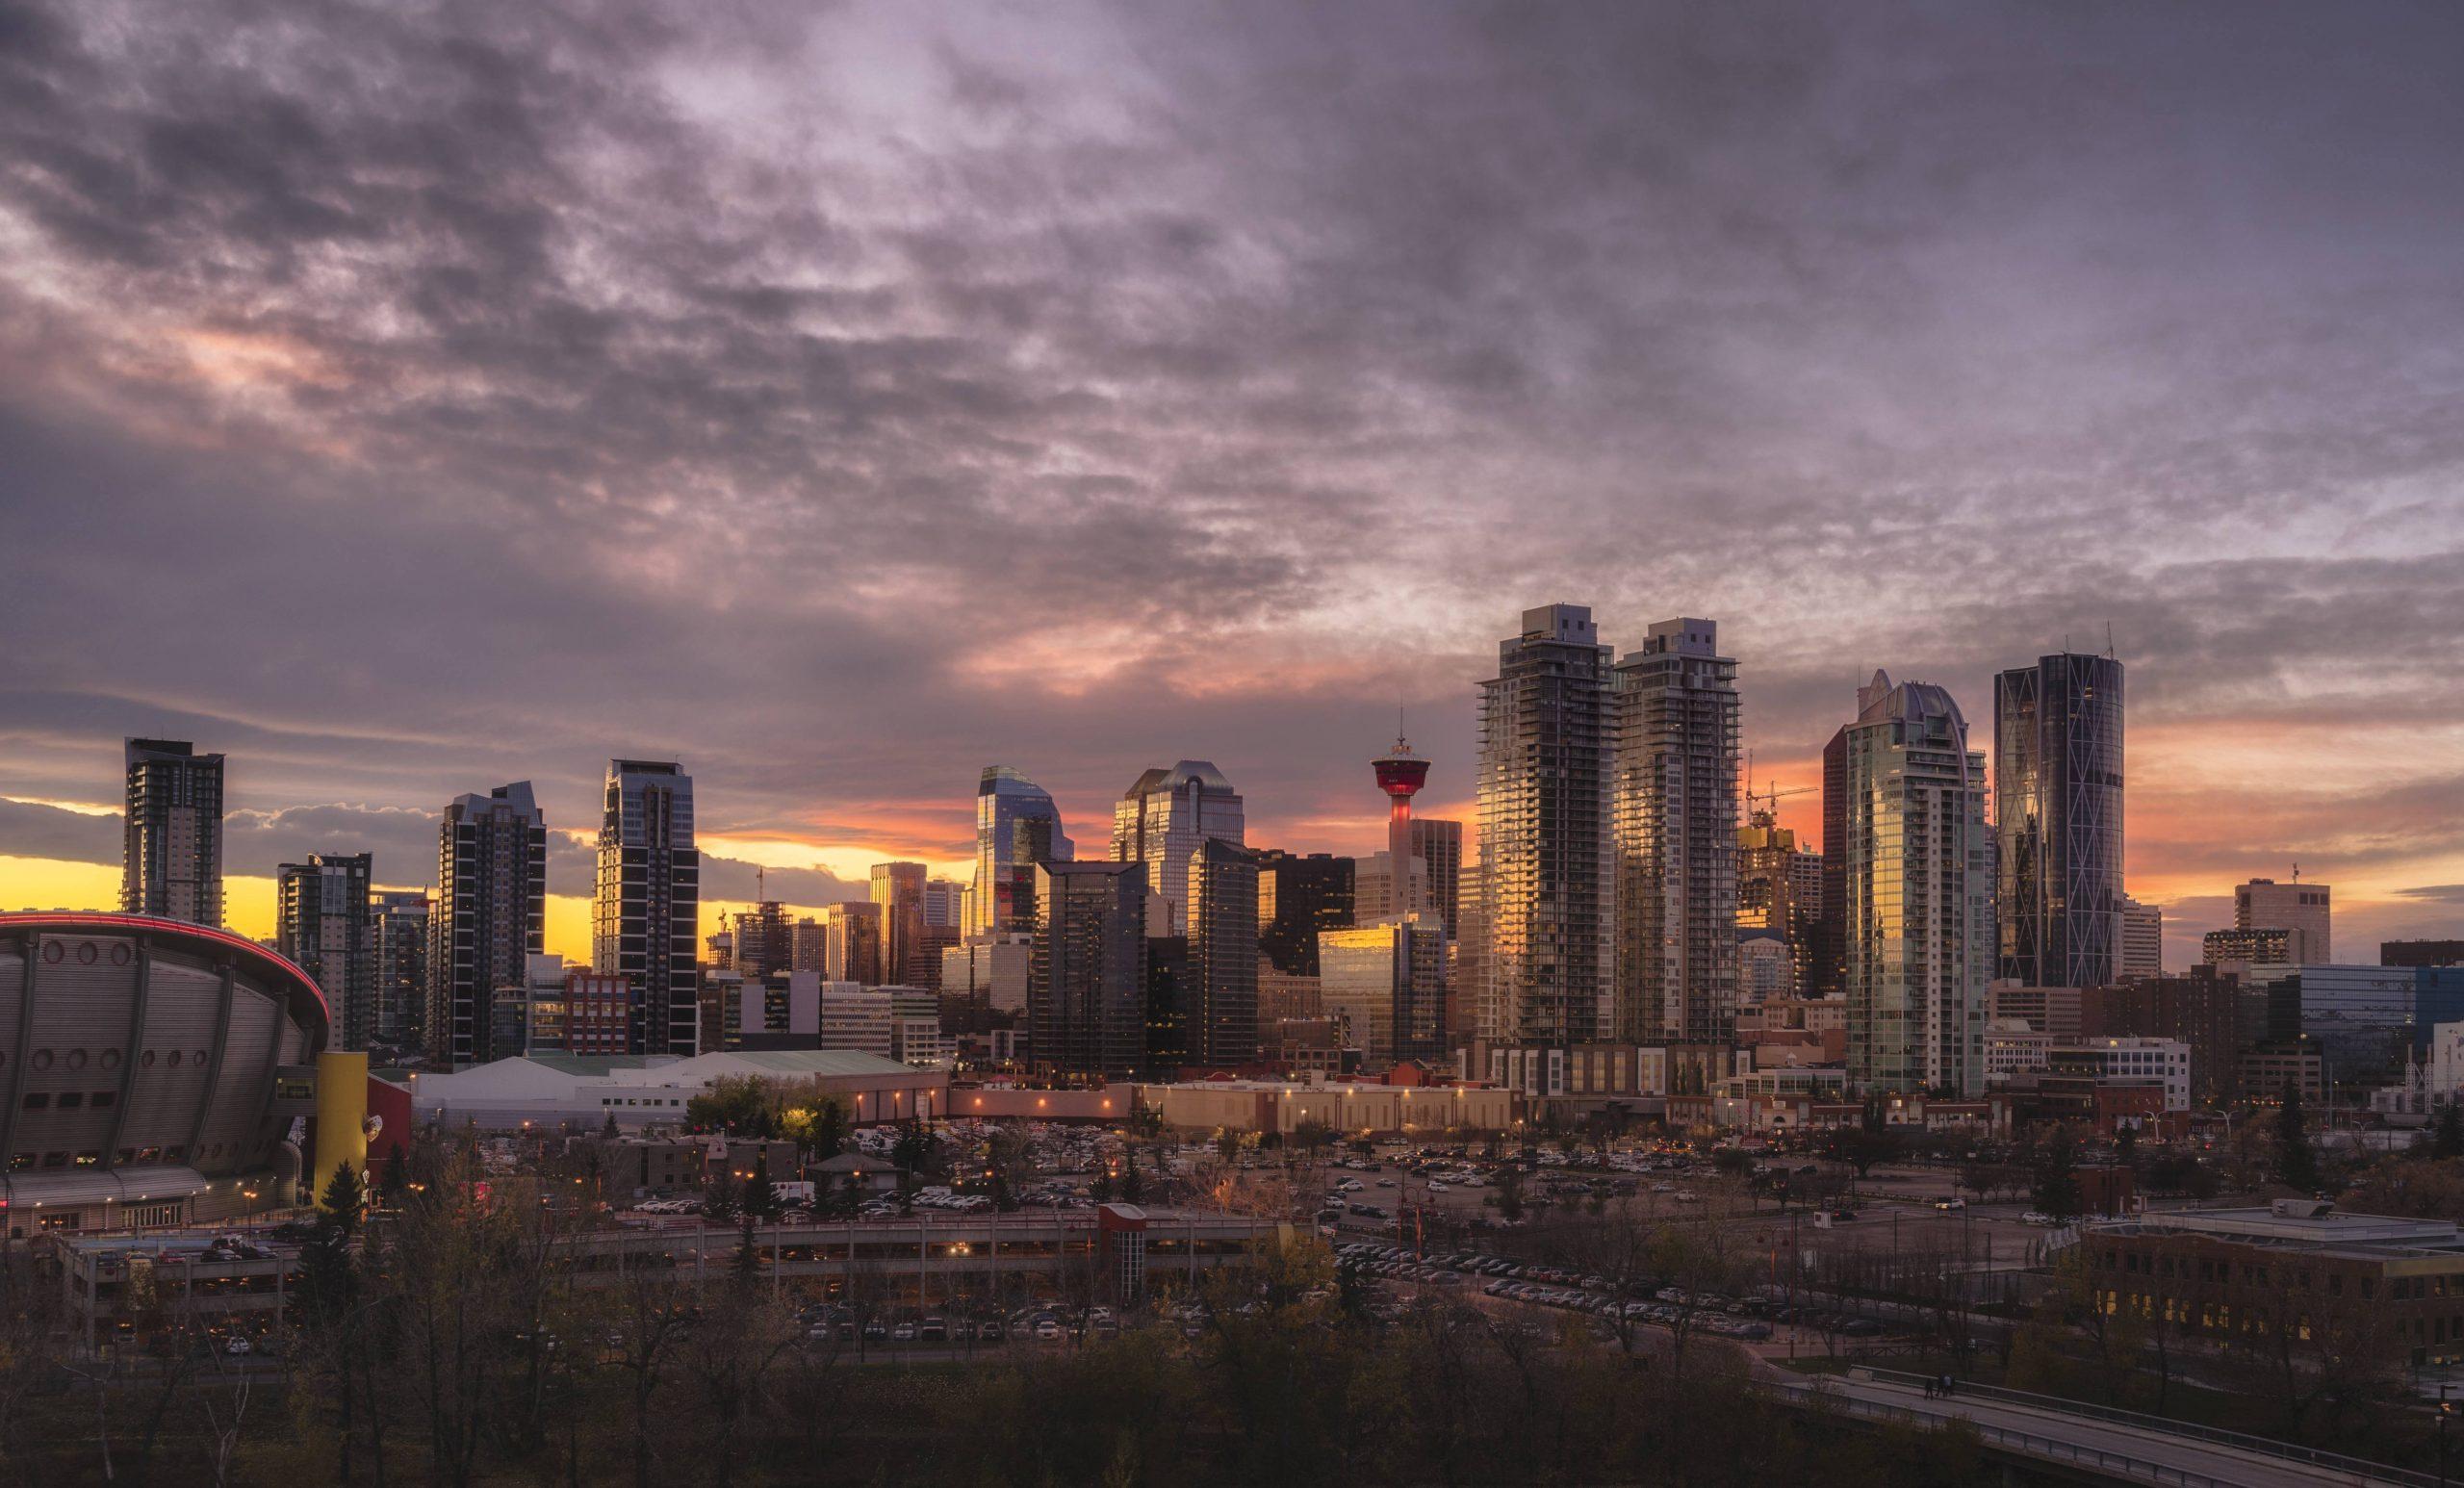 Skyline at sunset, Calgary, Alberta, Canada, North America | Verwendung weltweit, Royalty free: Bei werblicher Verwendung Preis auf Anfrage., Keine Weitergabe an Wiederverkäufer.